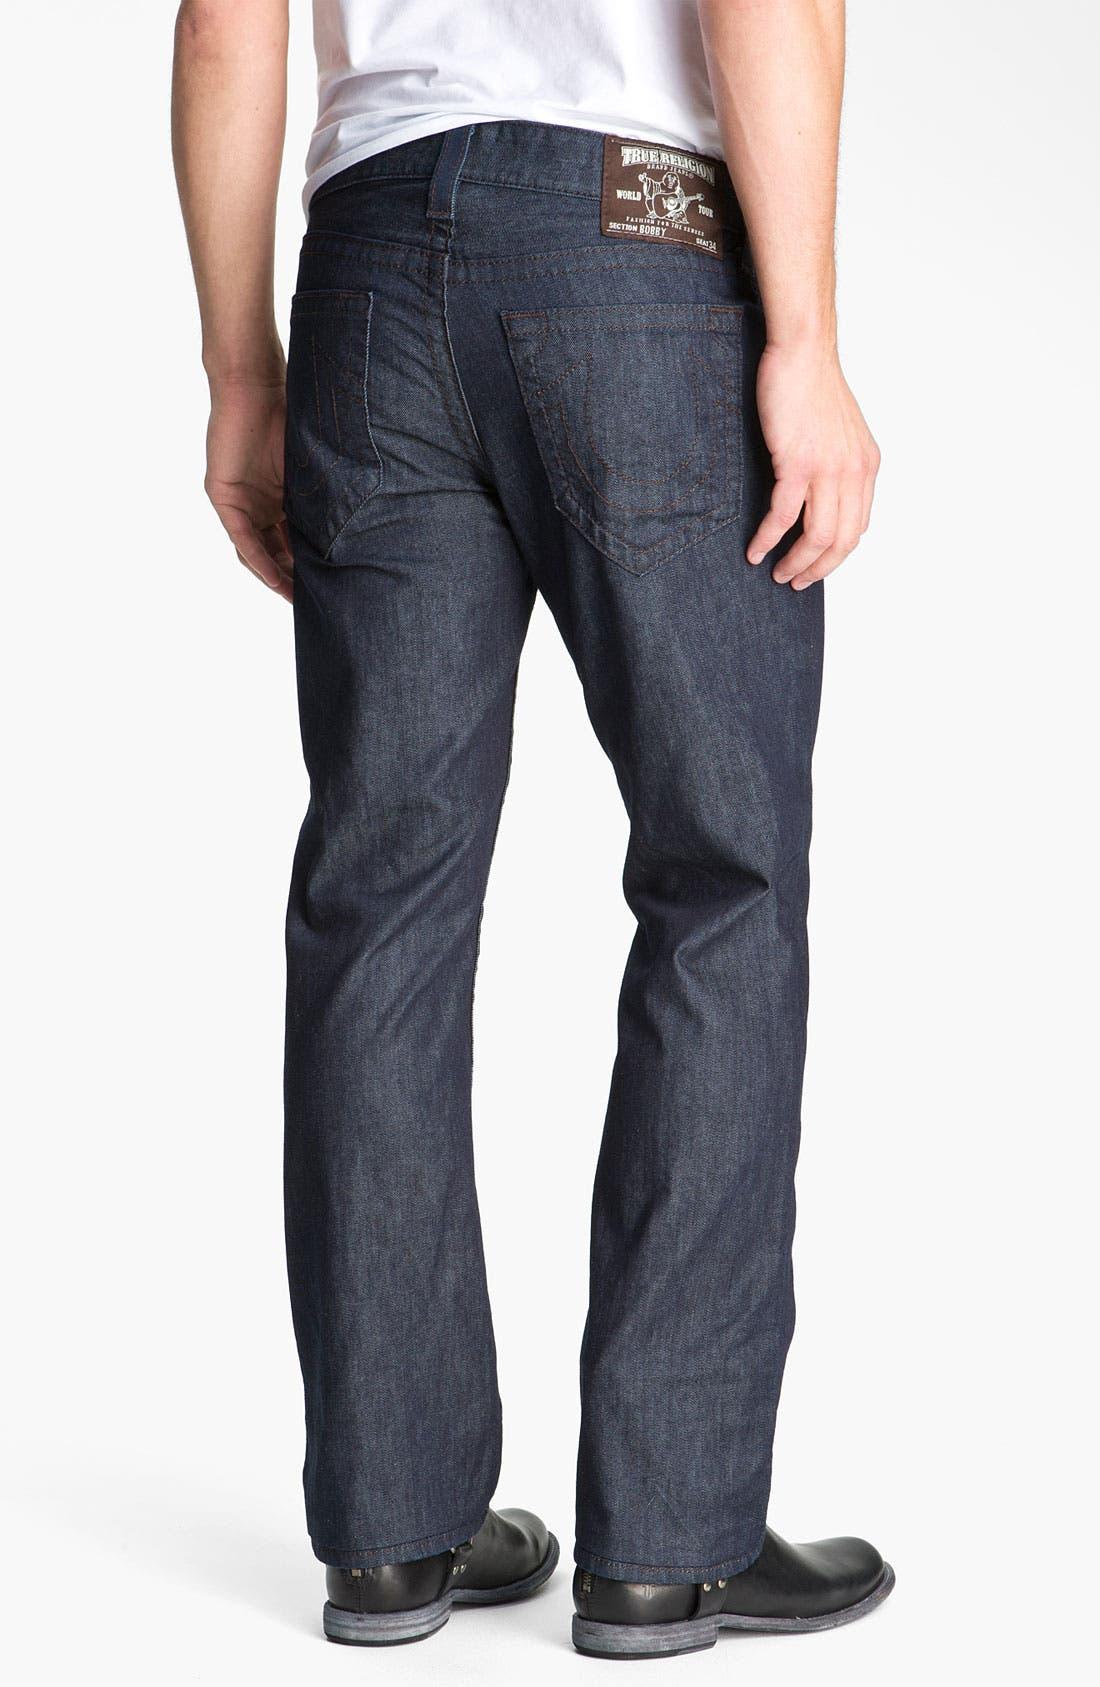 Alternate Image 1 Selected - True Religion Brand Jeans 'Bobby' Straight Leg Jeans (Bodyrinse)